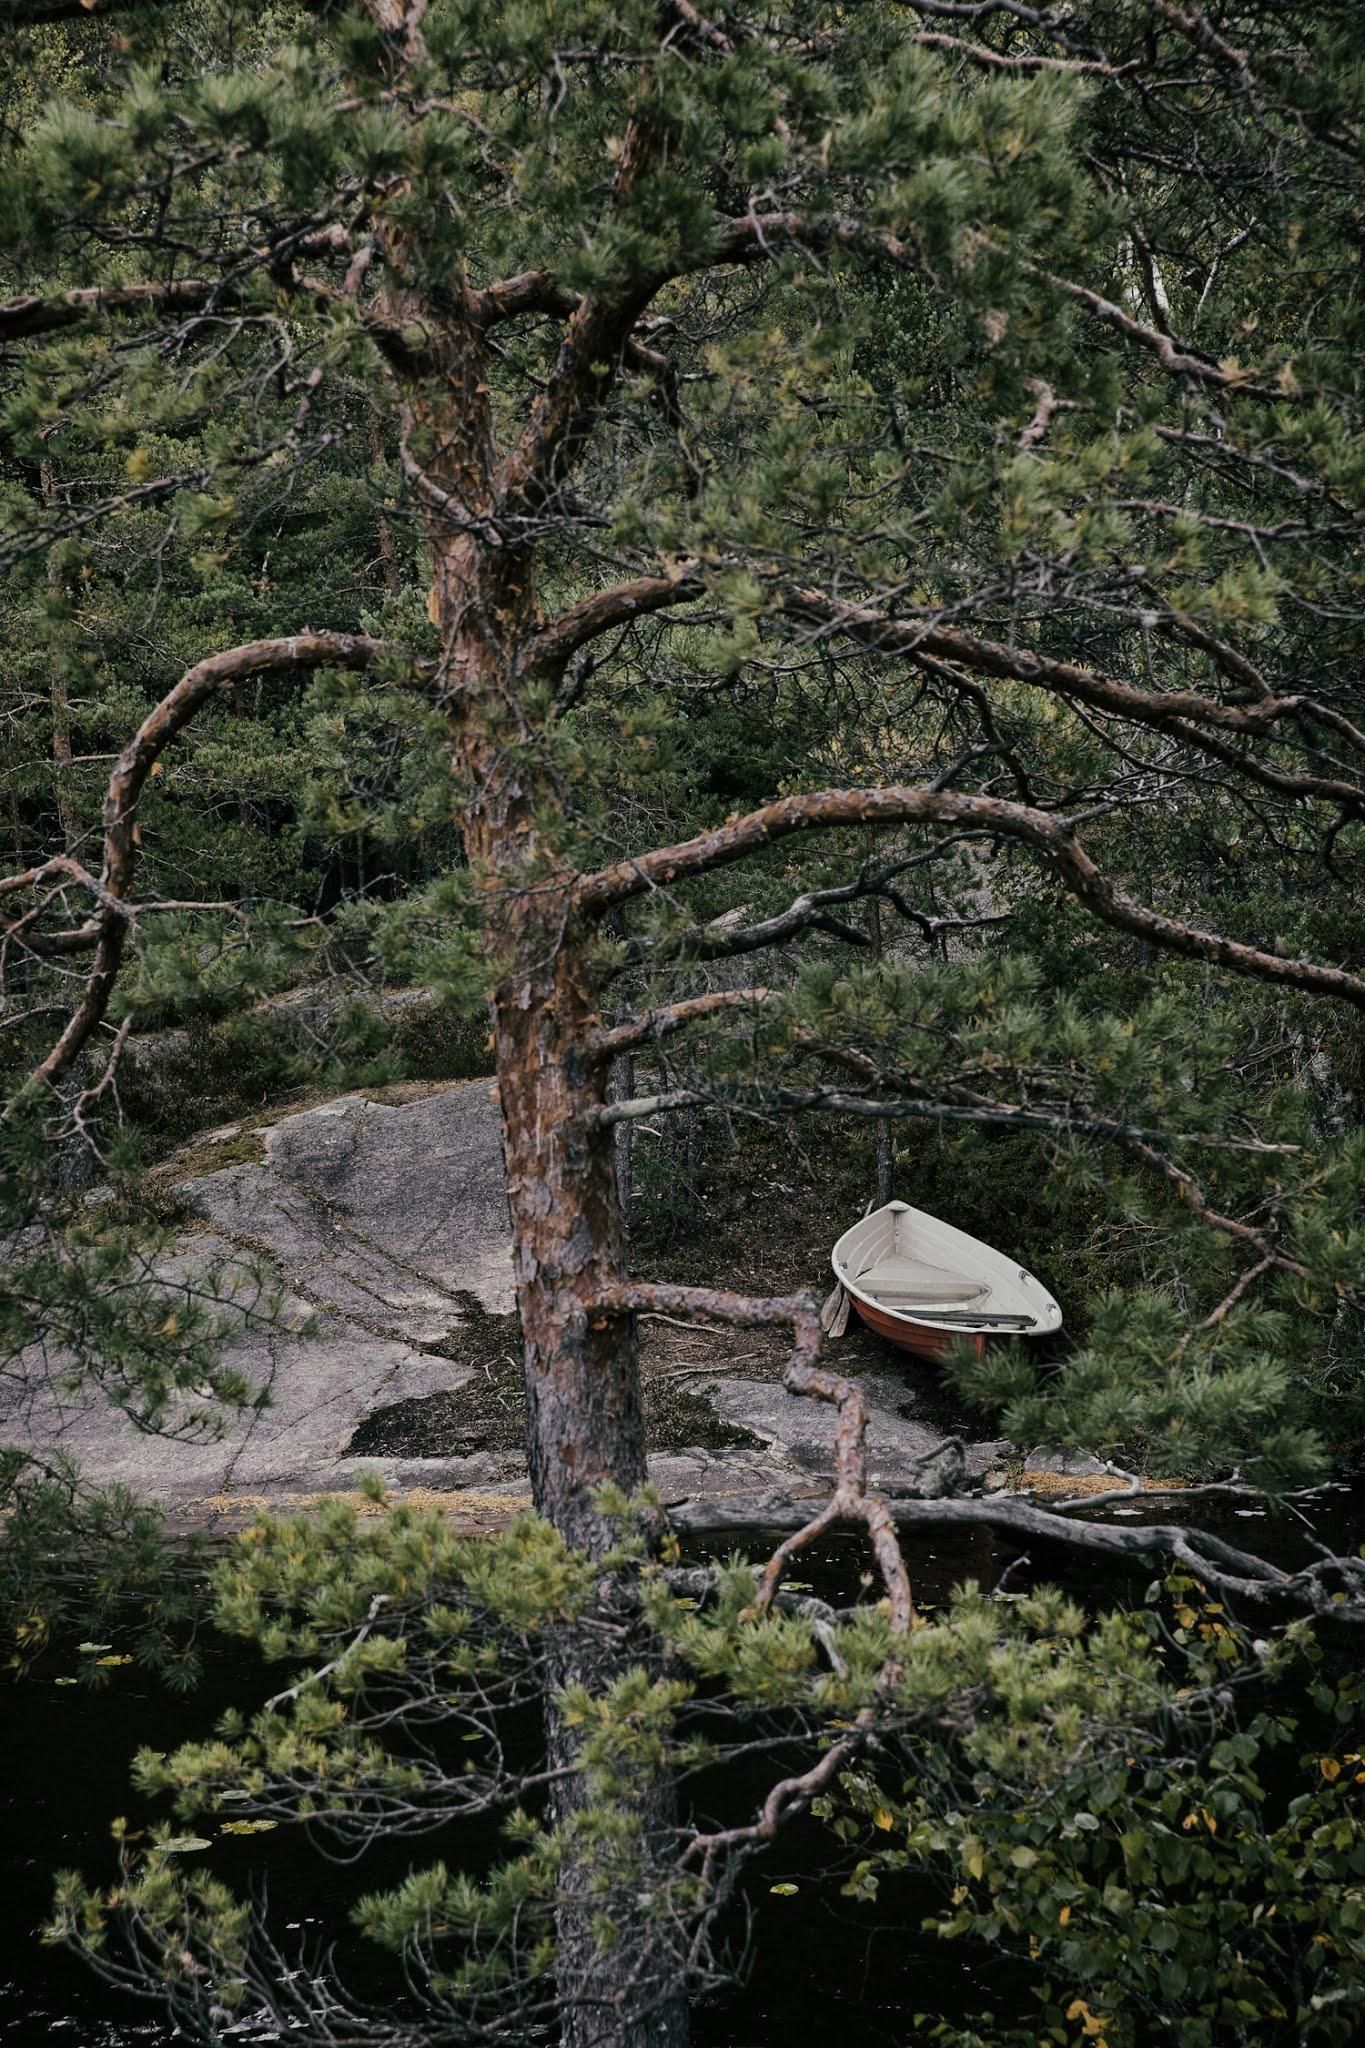 Kirkkonummi, visitkirkkonummi, Suomi, Finland, visitfinland, matkailu, matkustus, Uusimaa, worthvisiting, kotimaa, valokuvaaja, Frida Steiner, photographer, Visualaddict, matkustusblogin, blogi, visualaddictfrida, luonto, luontokuvaus, Meiko